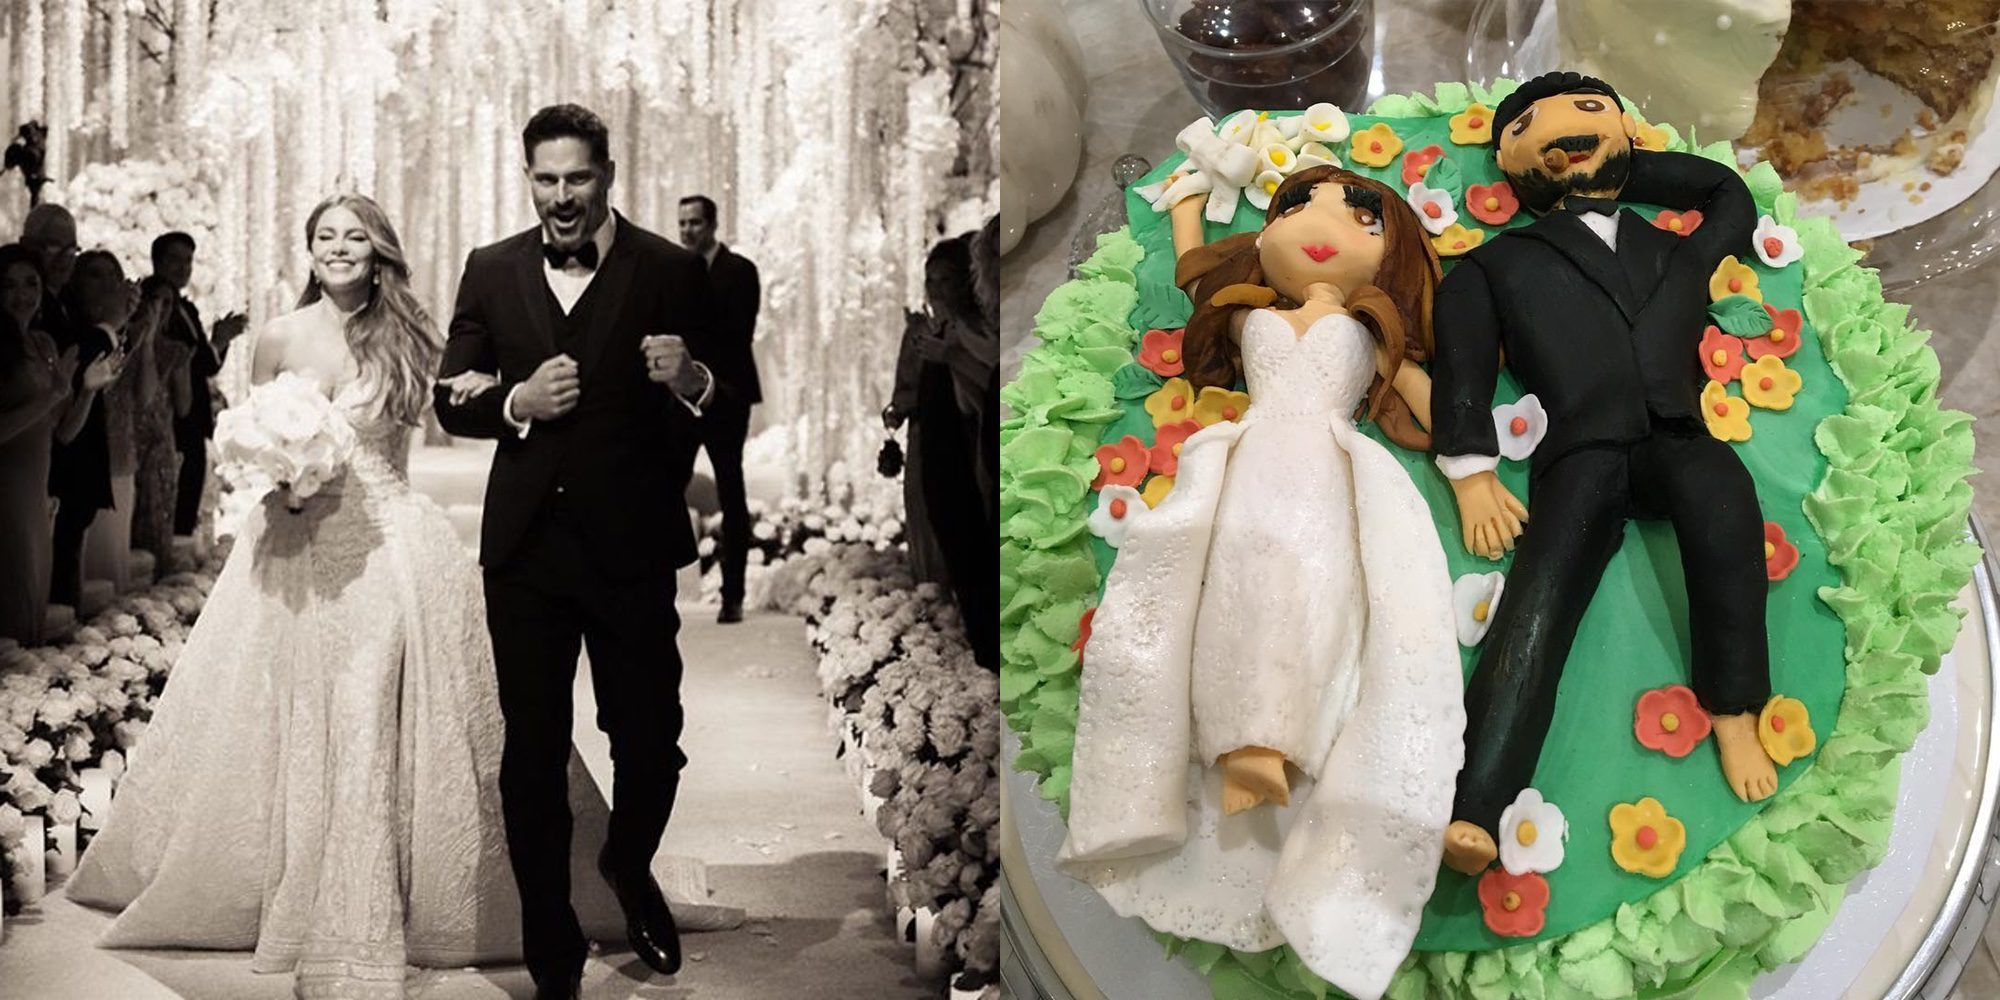 Sofia Vergara y Joe Manganiello celebran su primer aniversario de casados con nuevos fotos de su boda